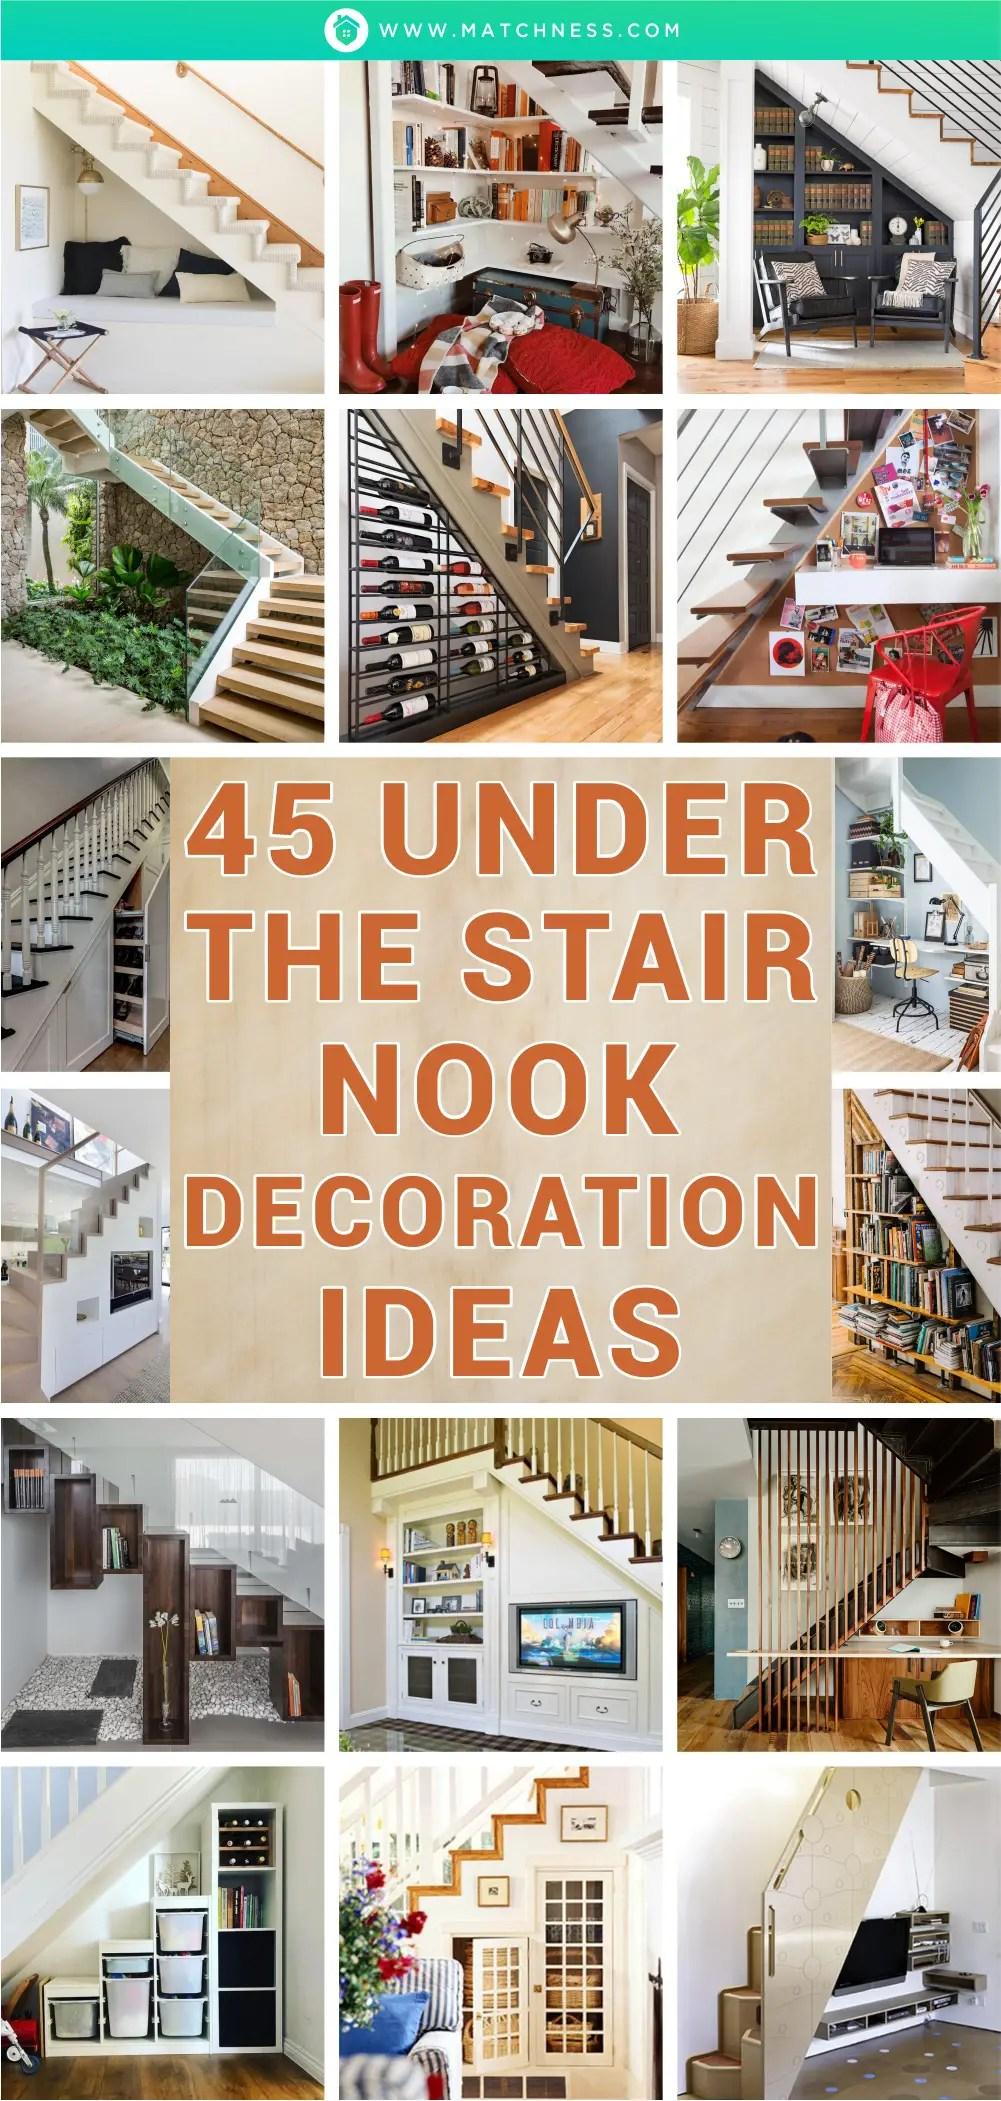 45-under-the-stair-nook-decoration-ideas1